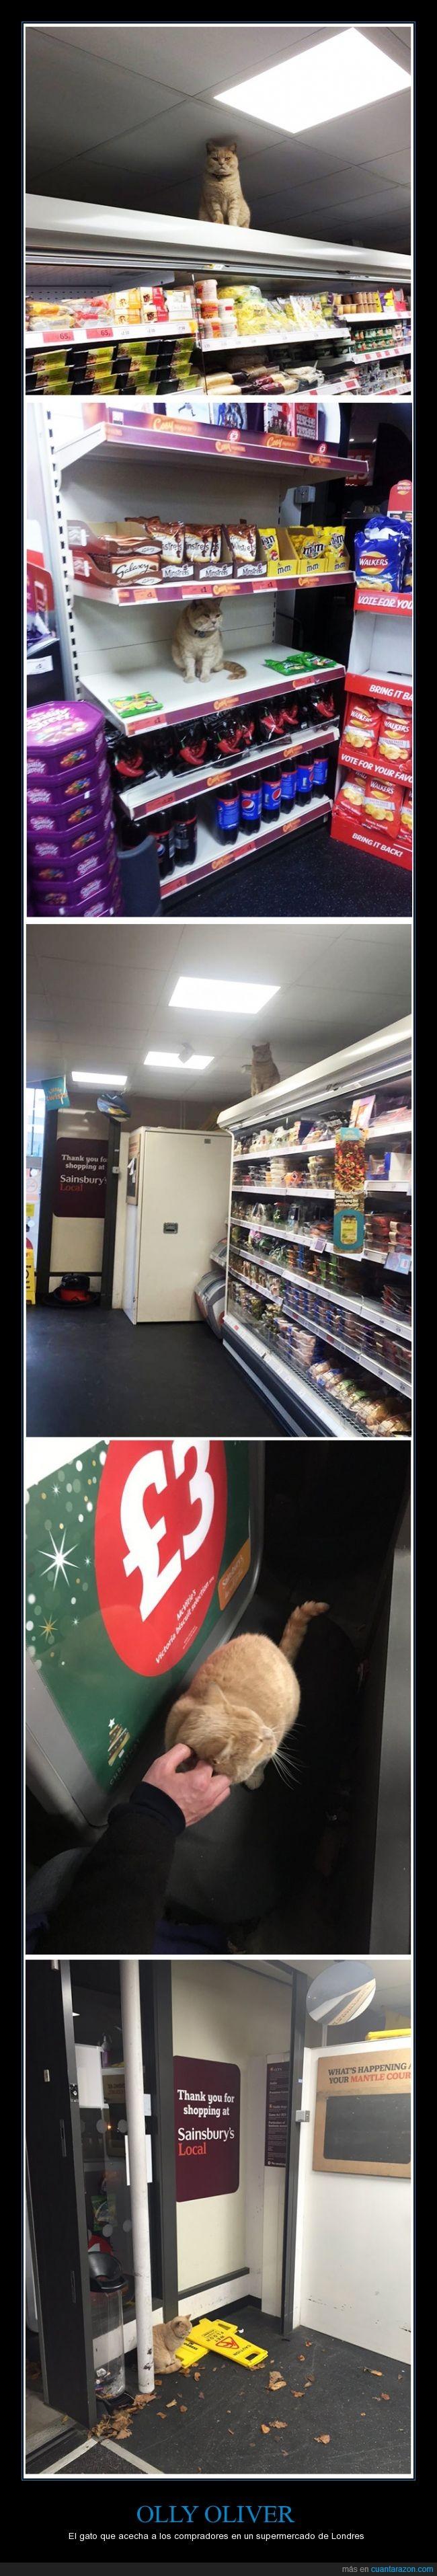 es un gato muy gordo,foto,gato,Olly Oliver,realidad,Sainsbury,supermercado